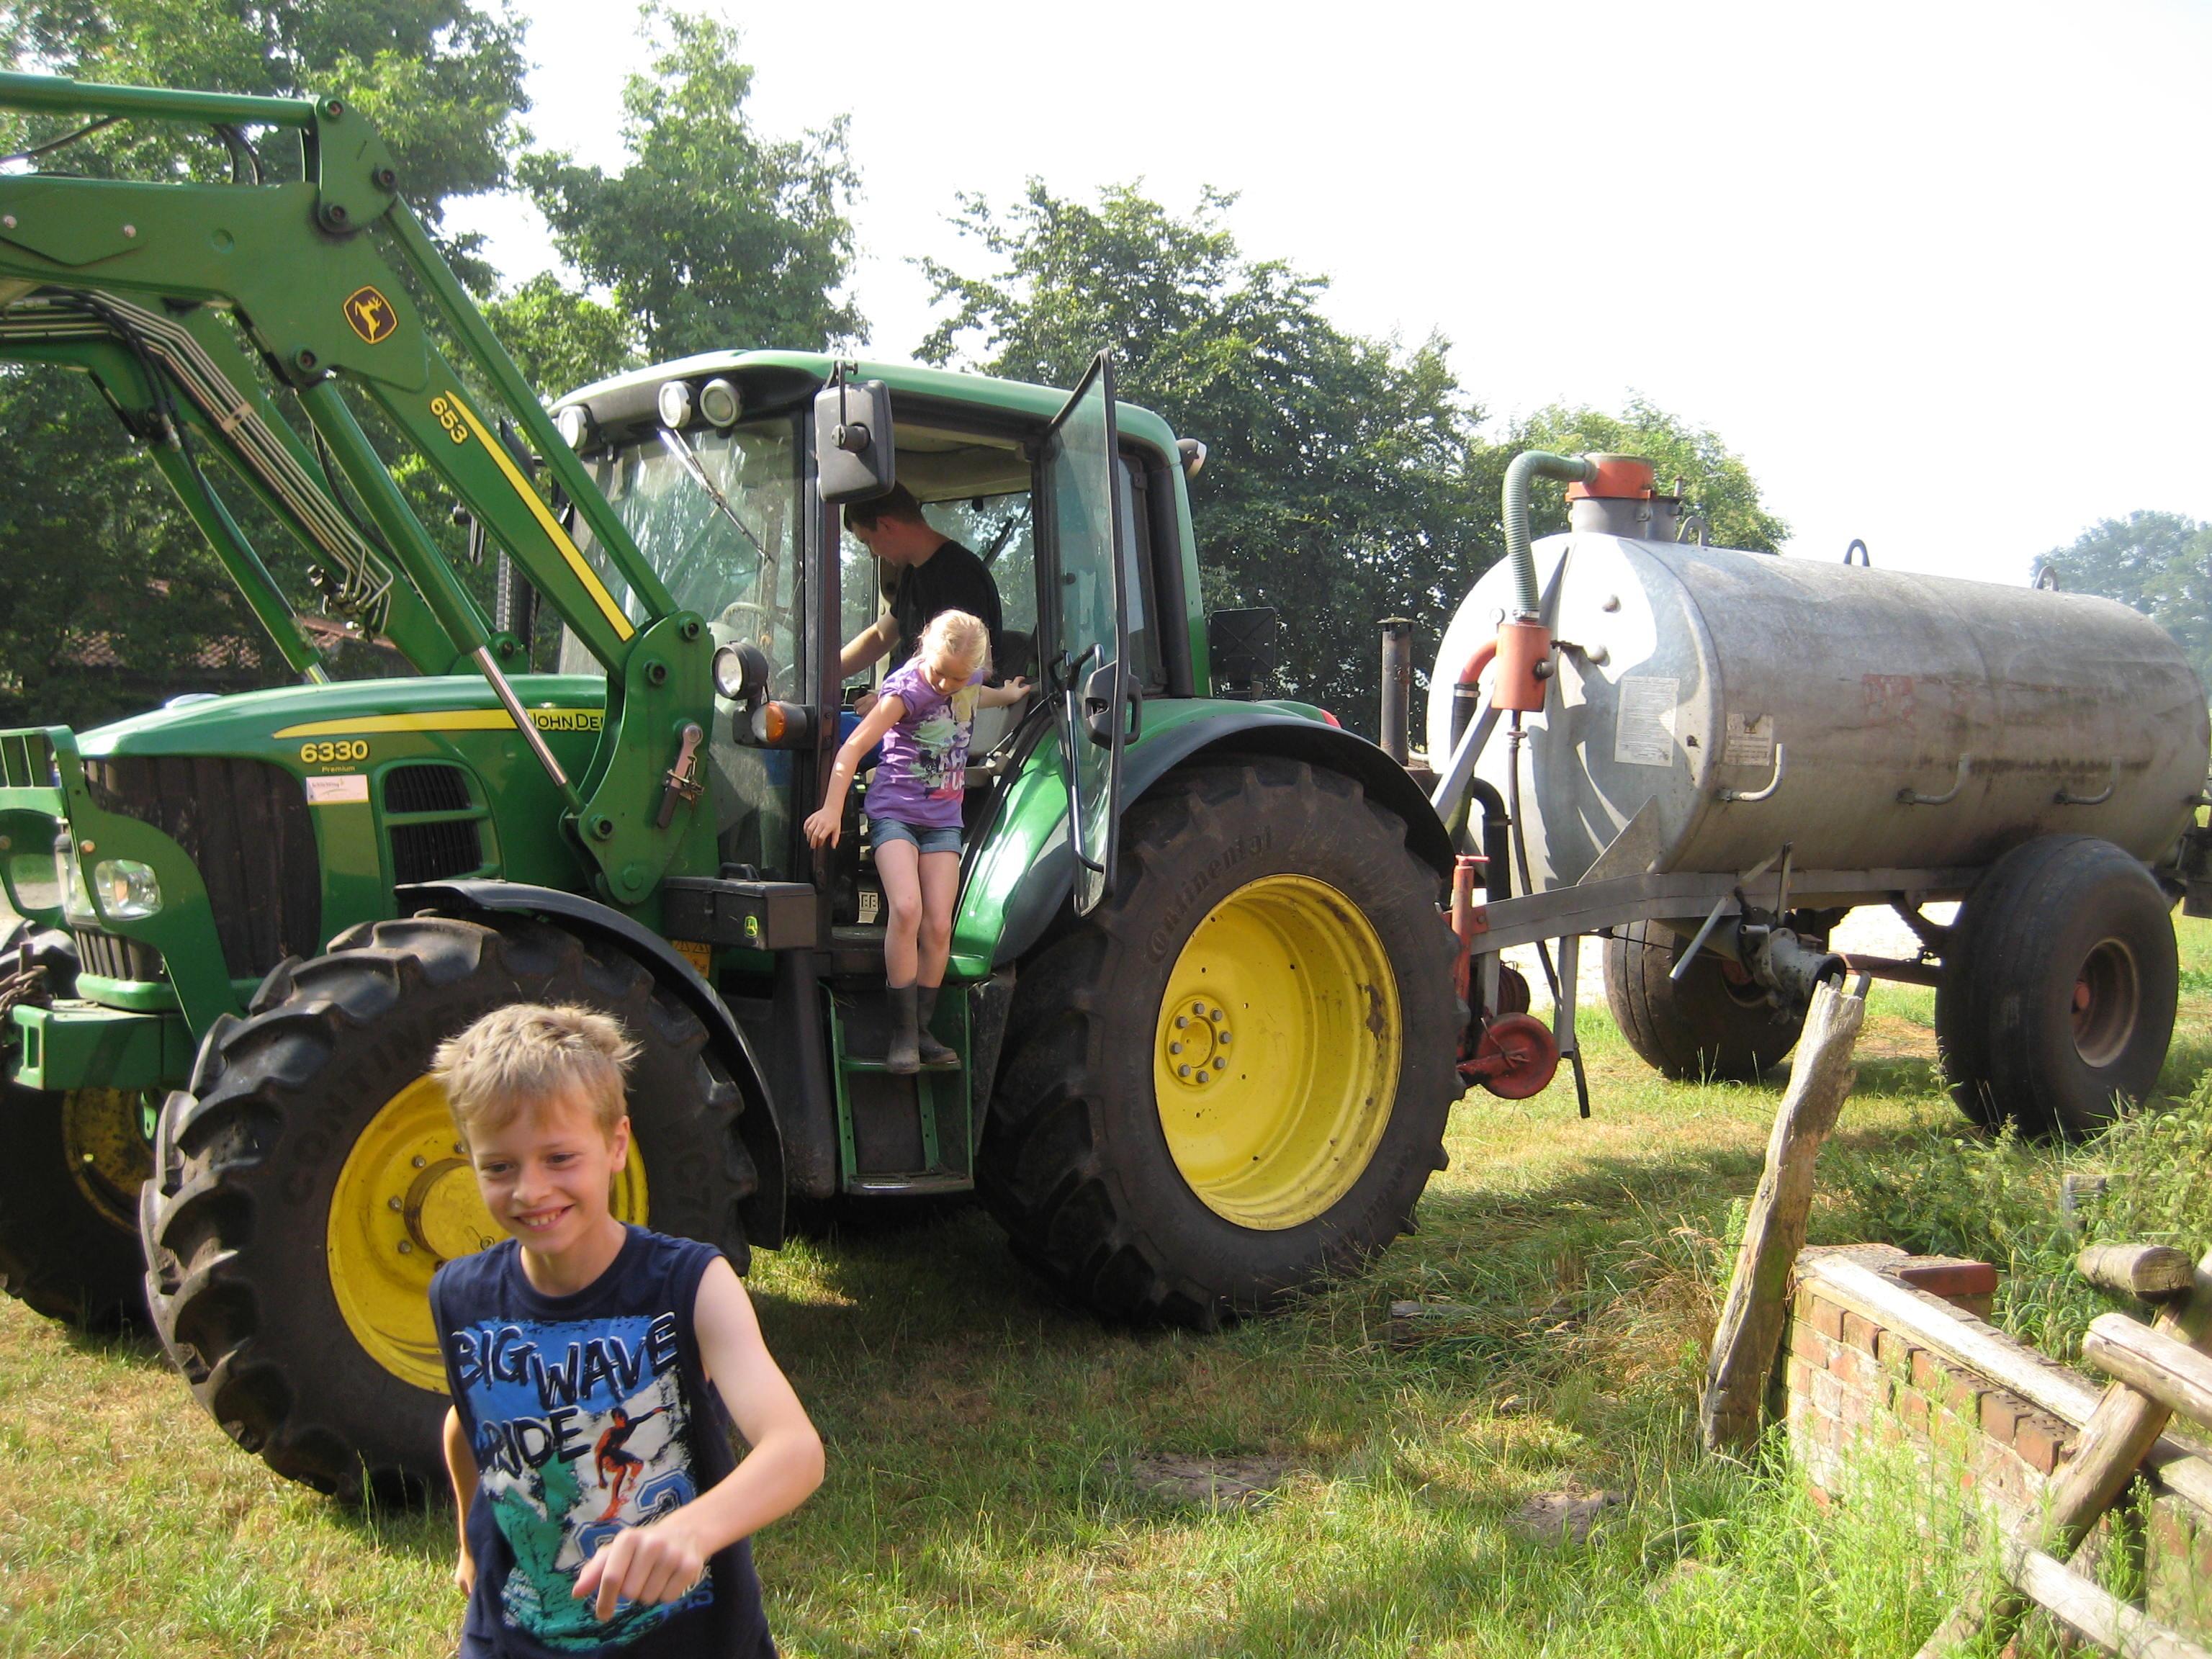 Gerne dürfen die Gäste mit dem Bauern auf dem Trecker mitfahren und seine Arbeit kennenlernen